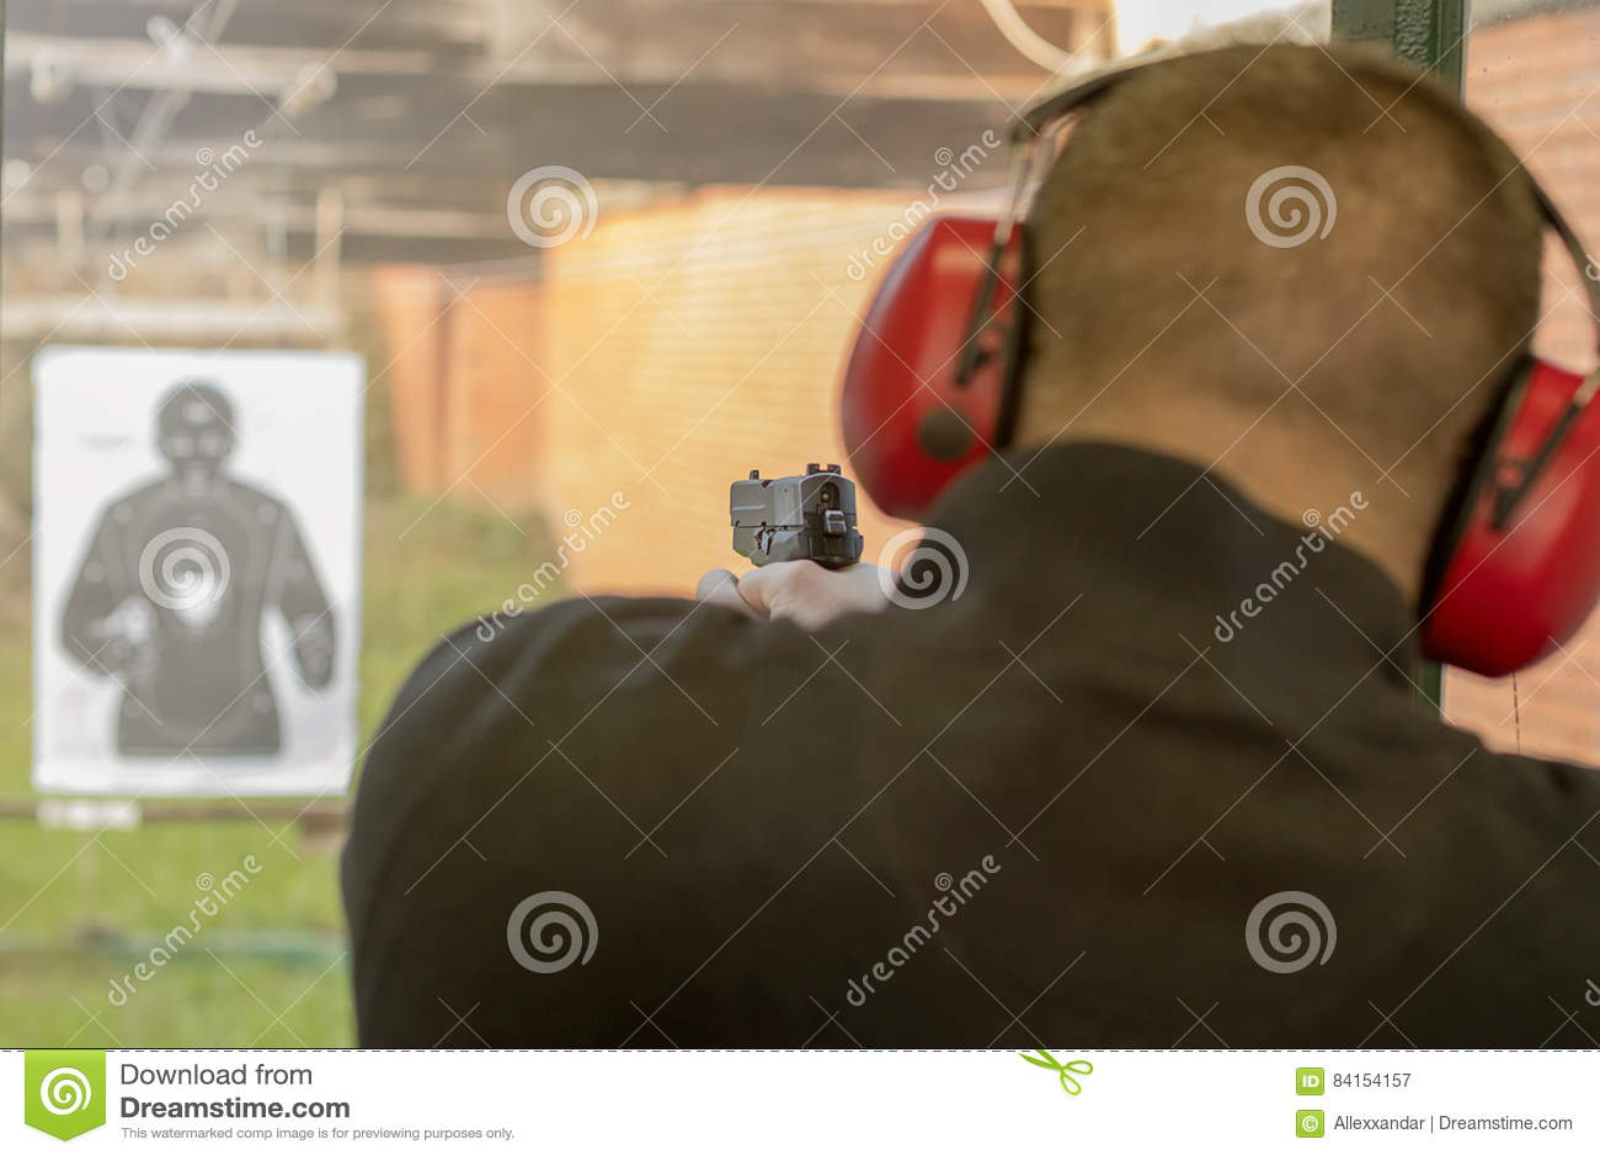 Skjuta Med En Pistol Manskottlossningpistol I Skjutbana Fotografering för Bildbyråer - Bild av öga. tjurar: 84154157